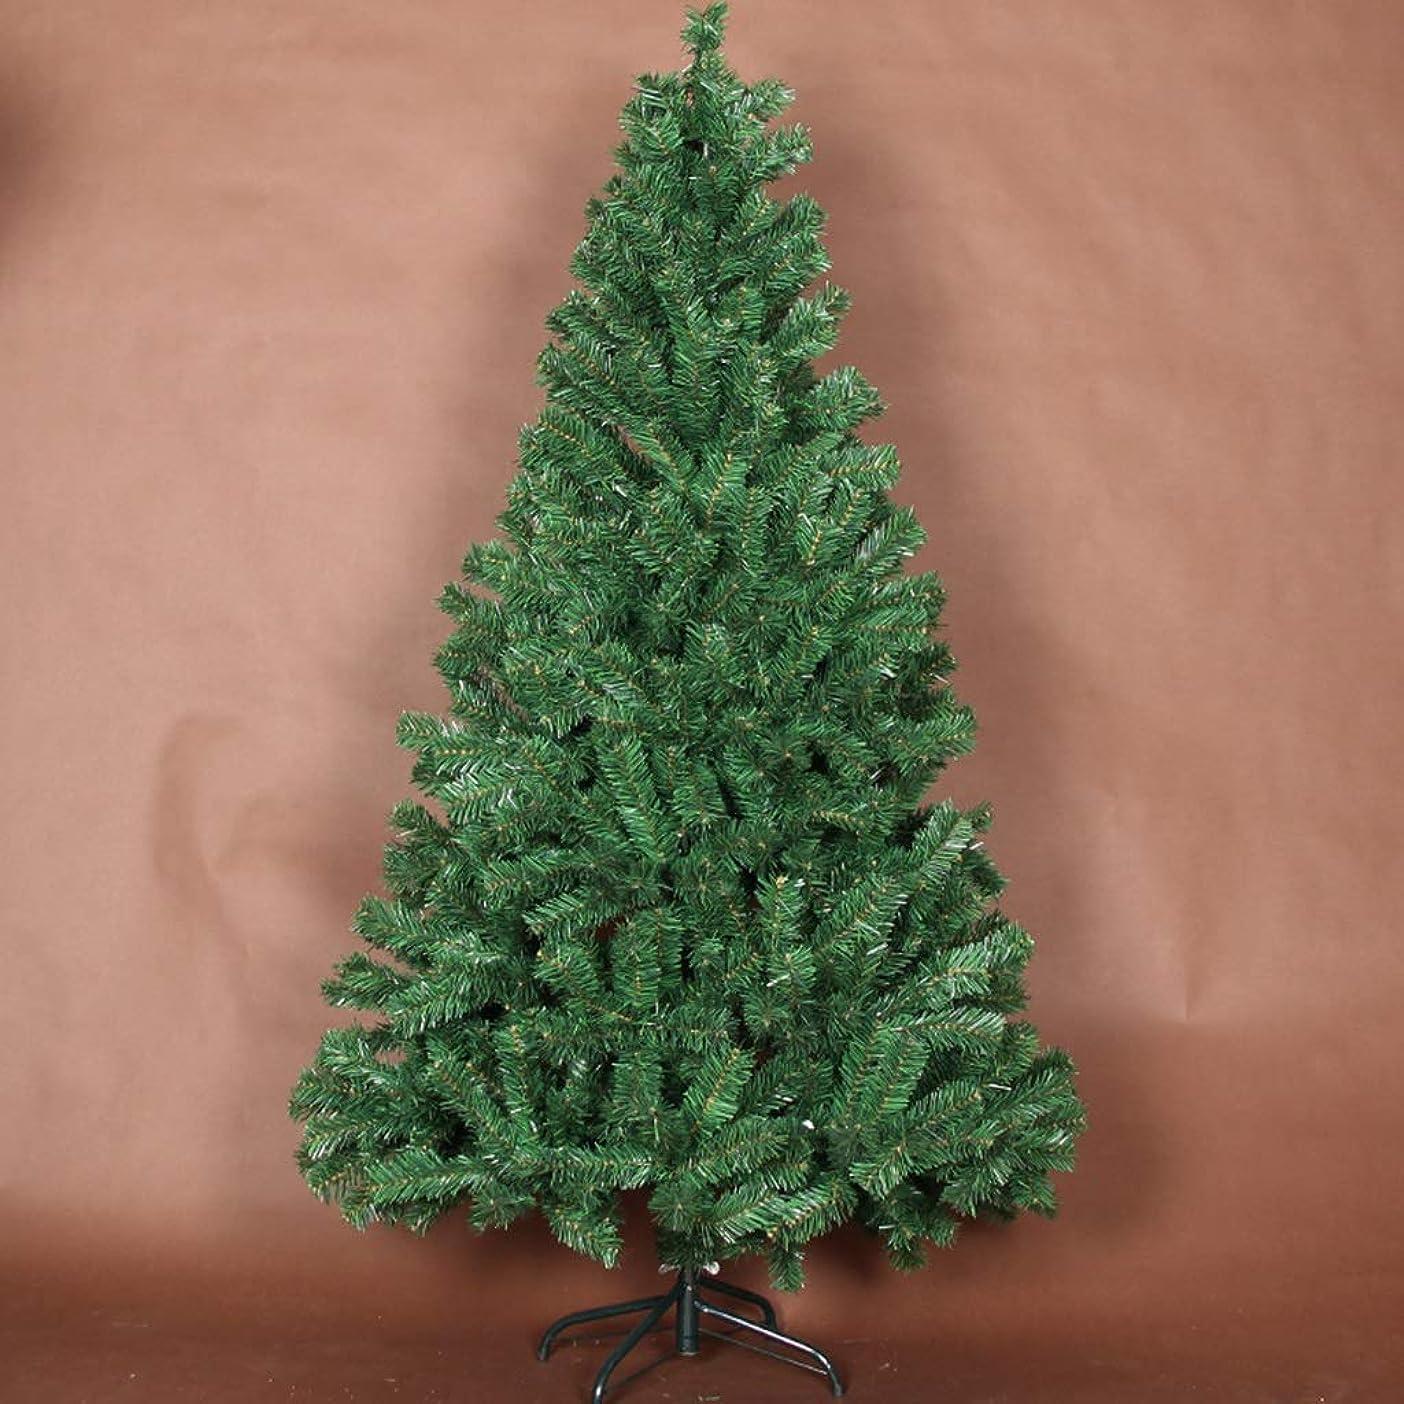 アルファベット順魔術アイスクリームBBJOZ クリスマス暗号化緑のクリスマスツリー2.1メートルの休日のシーンの装飾装飾小道具